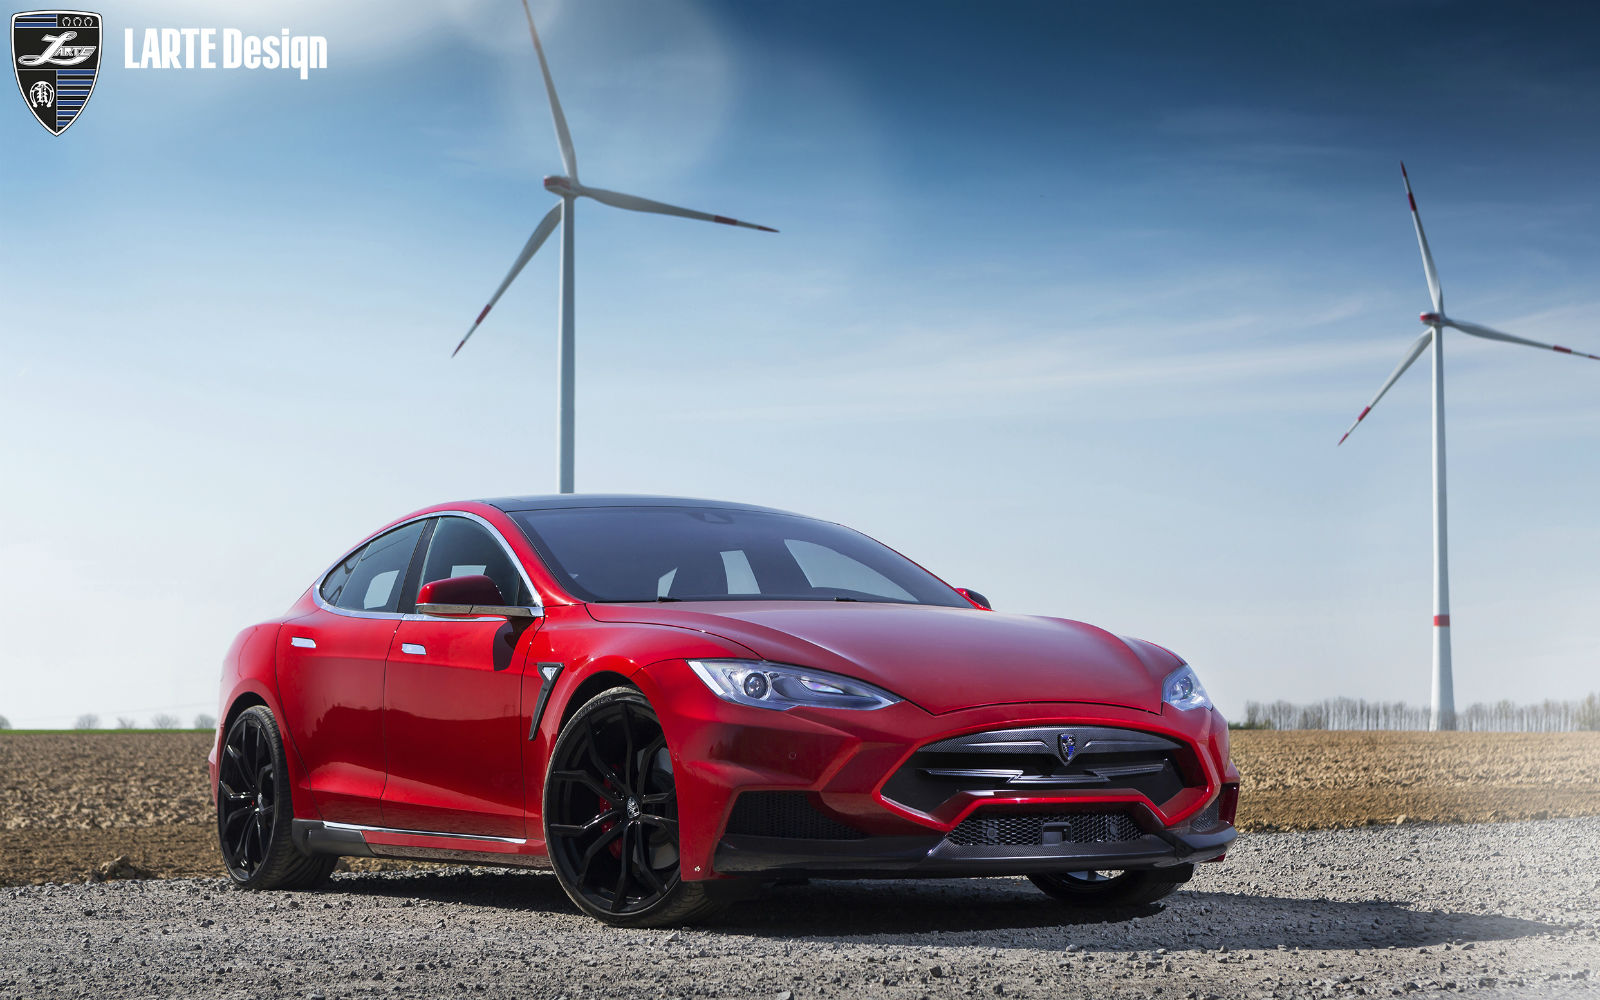 Tesla_Elizabeta_Tuning_Kit_Larte_Design_image2 1600x1000.jpg